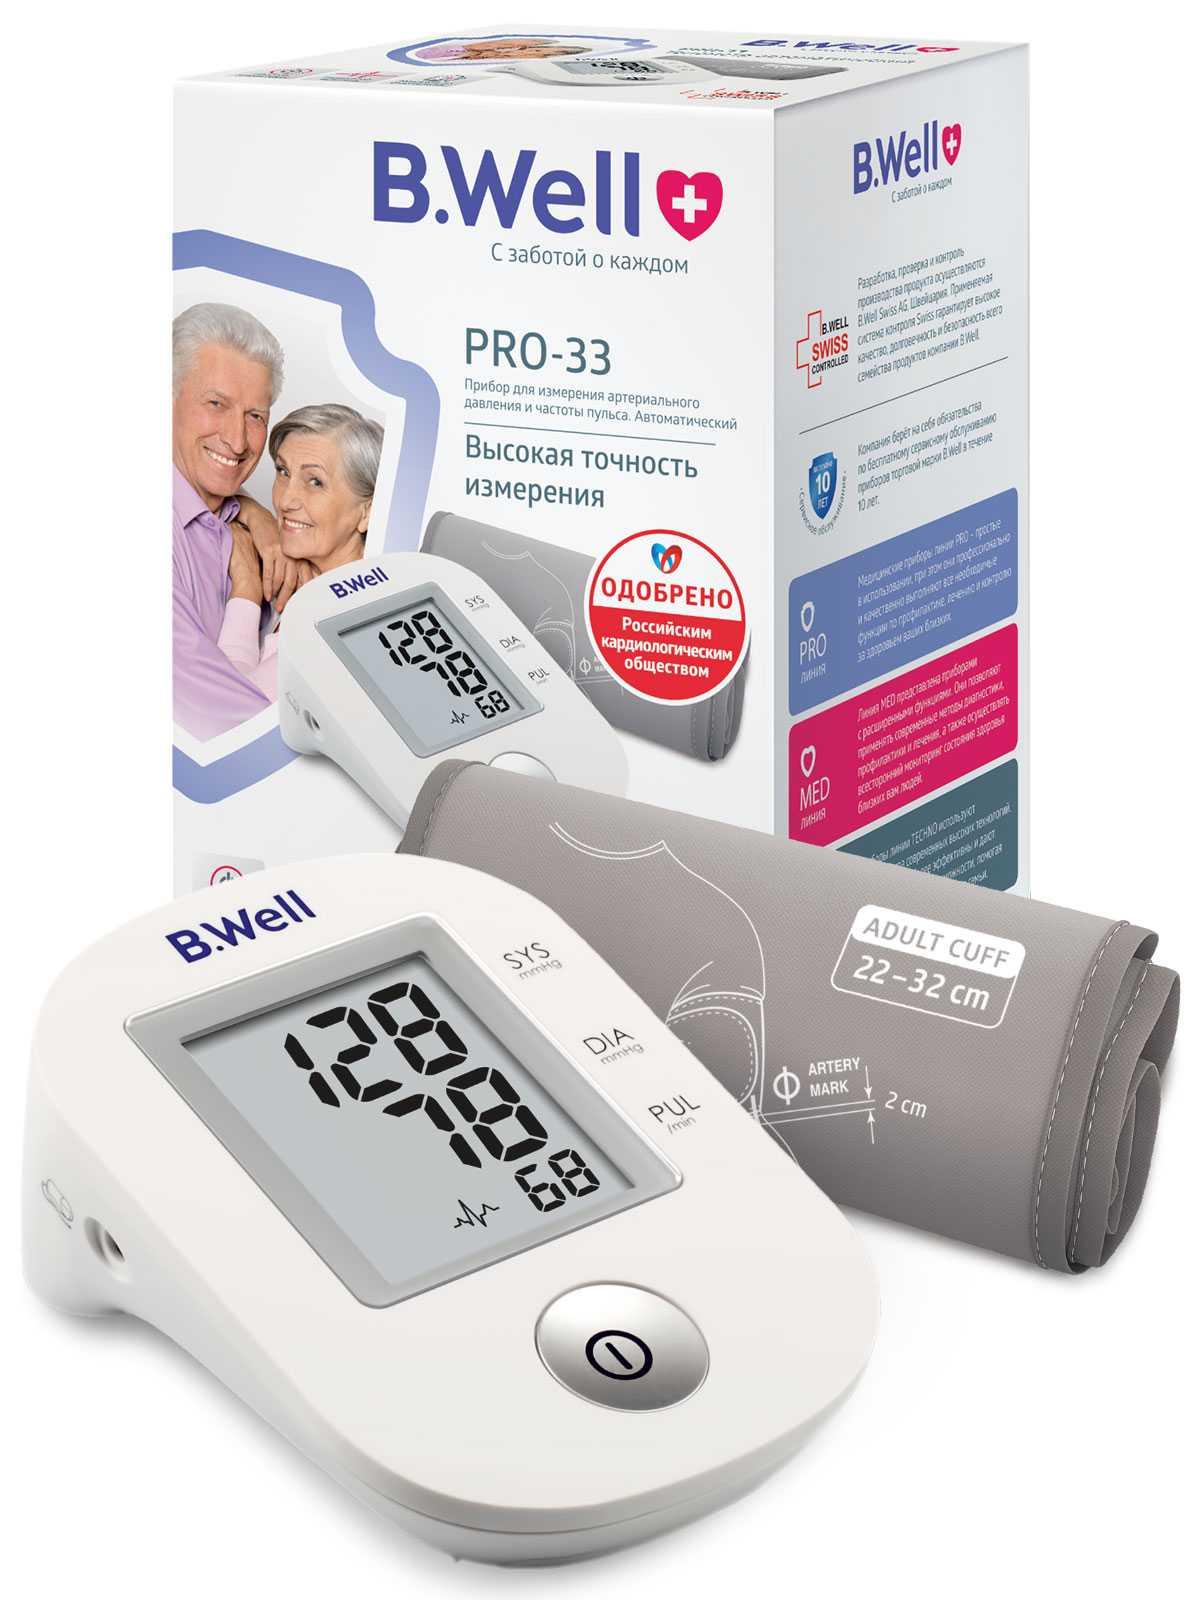 Тонометр (прибор для измерения артериального давления и частоты пульса) b.well pro-33 автоматический